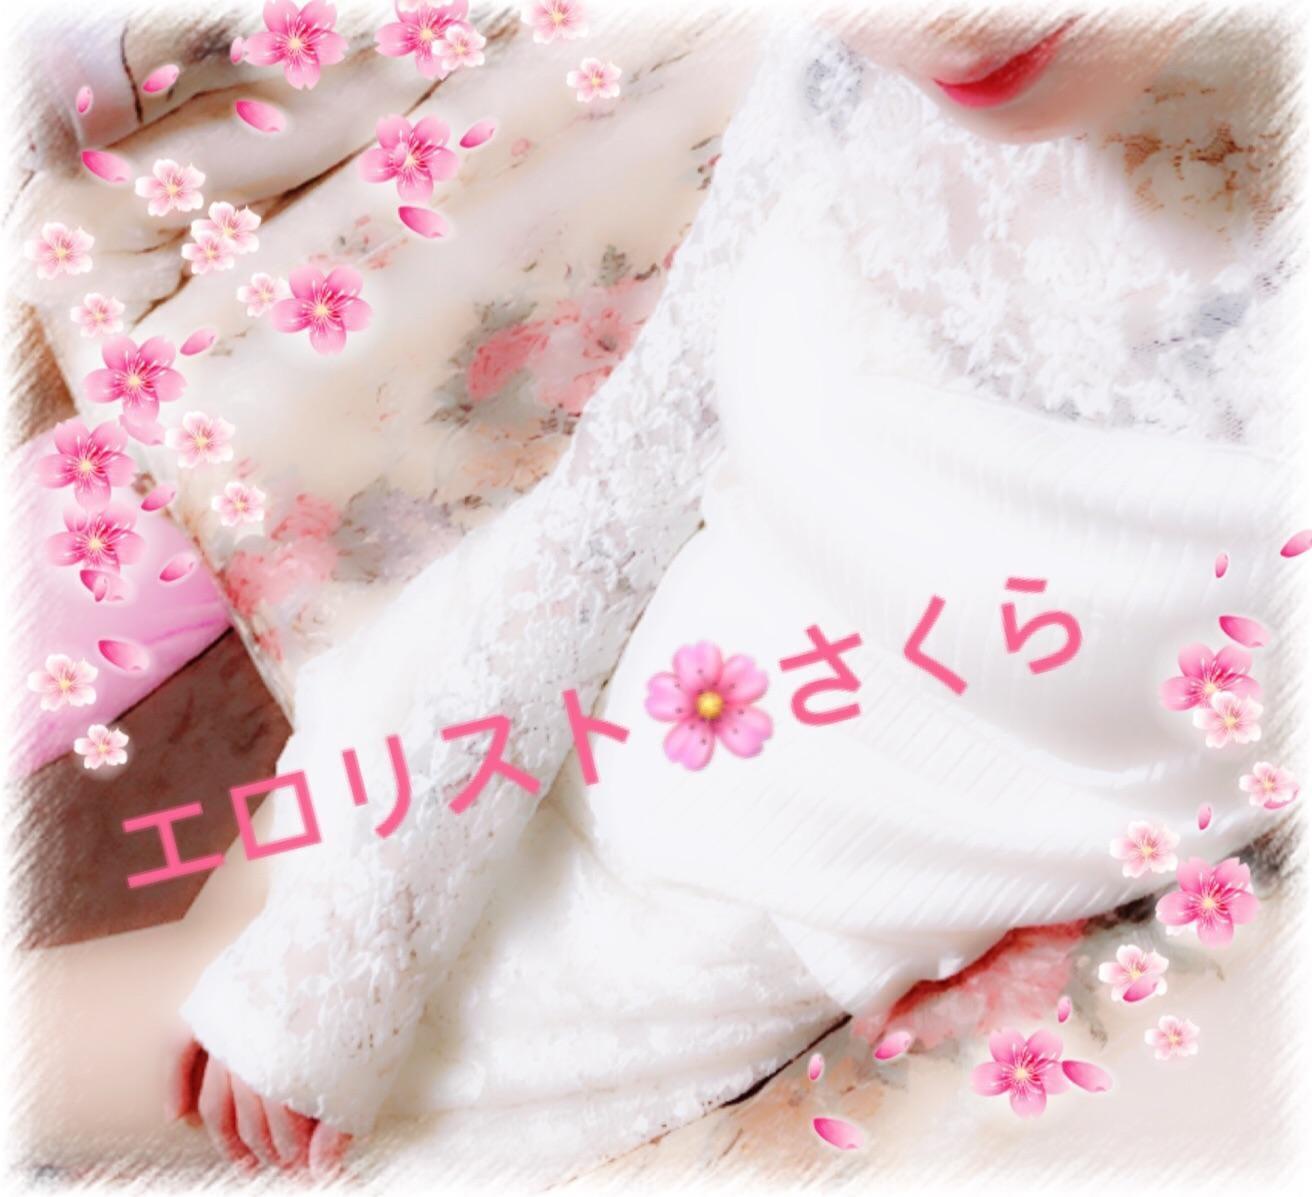 「撮影終わりました♡」07/03(07/03) 19:04 | ★さくら★の写メ・風俗動画